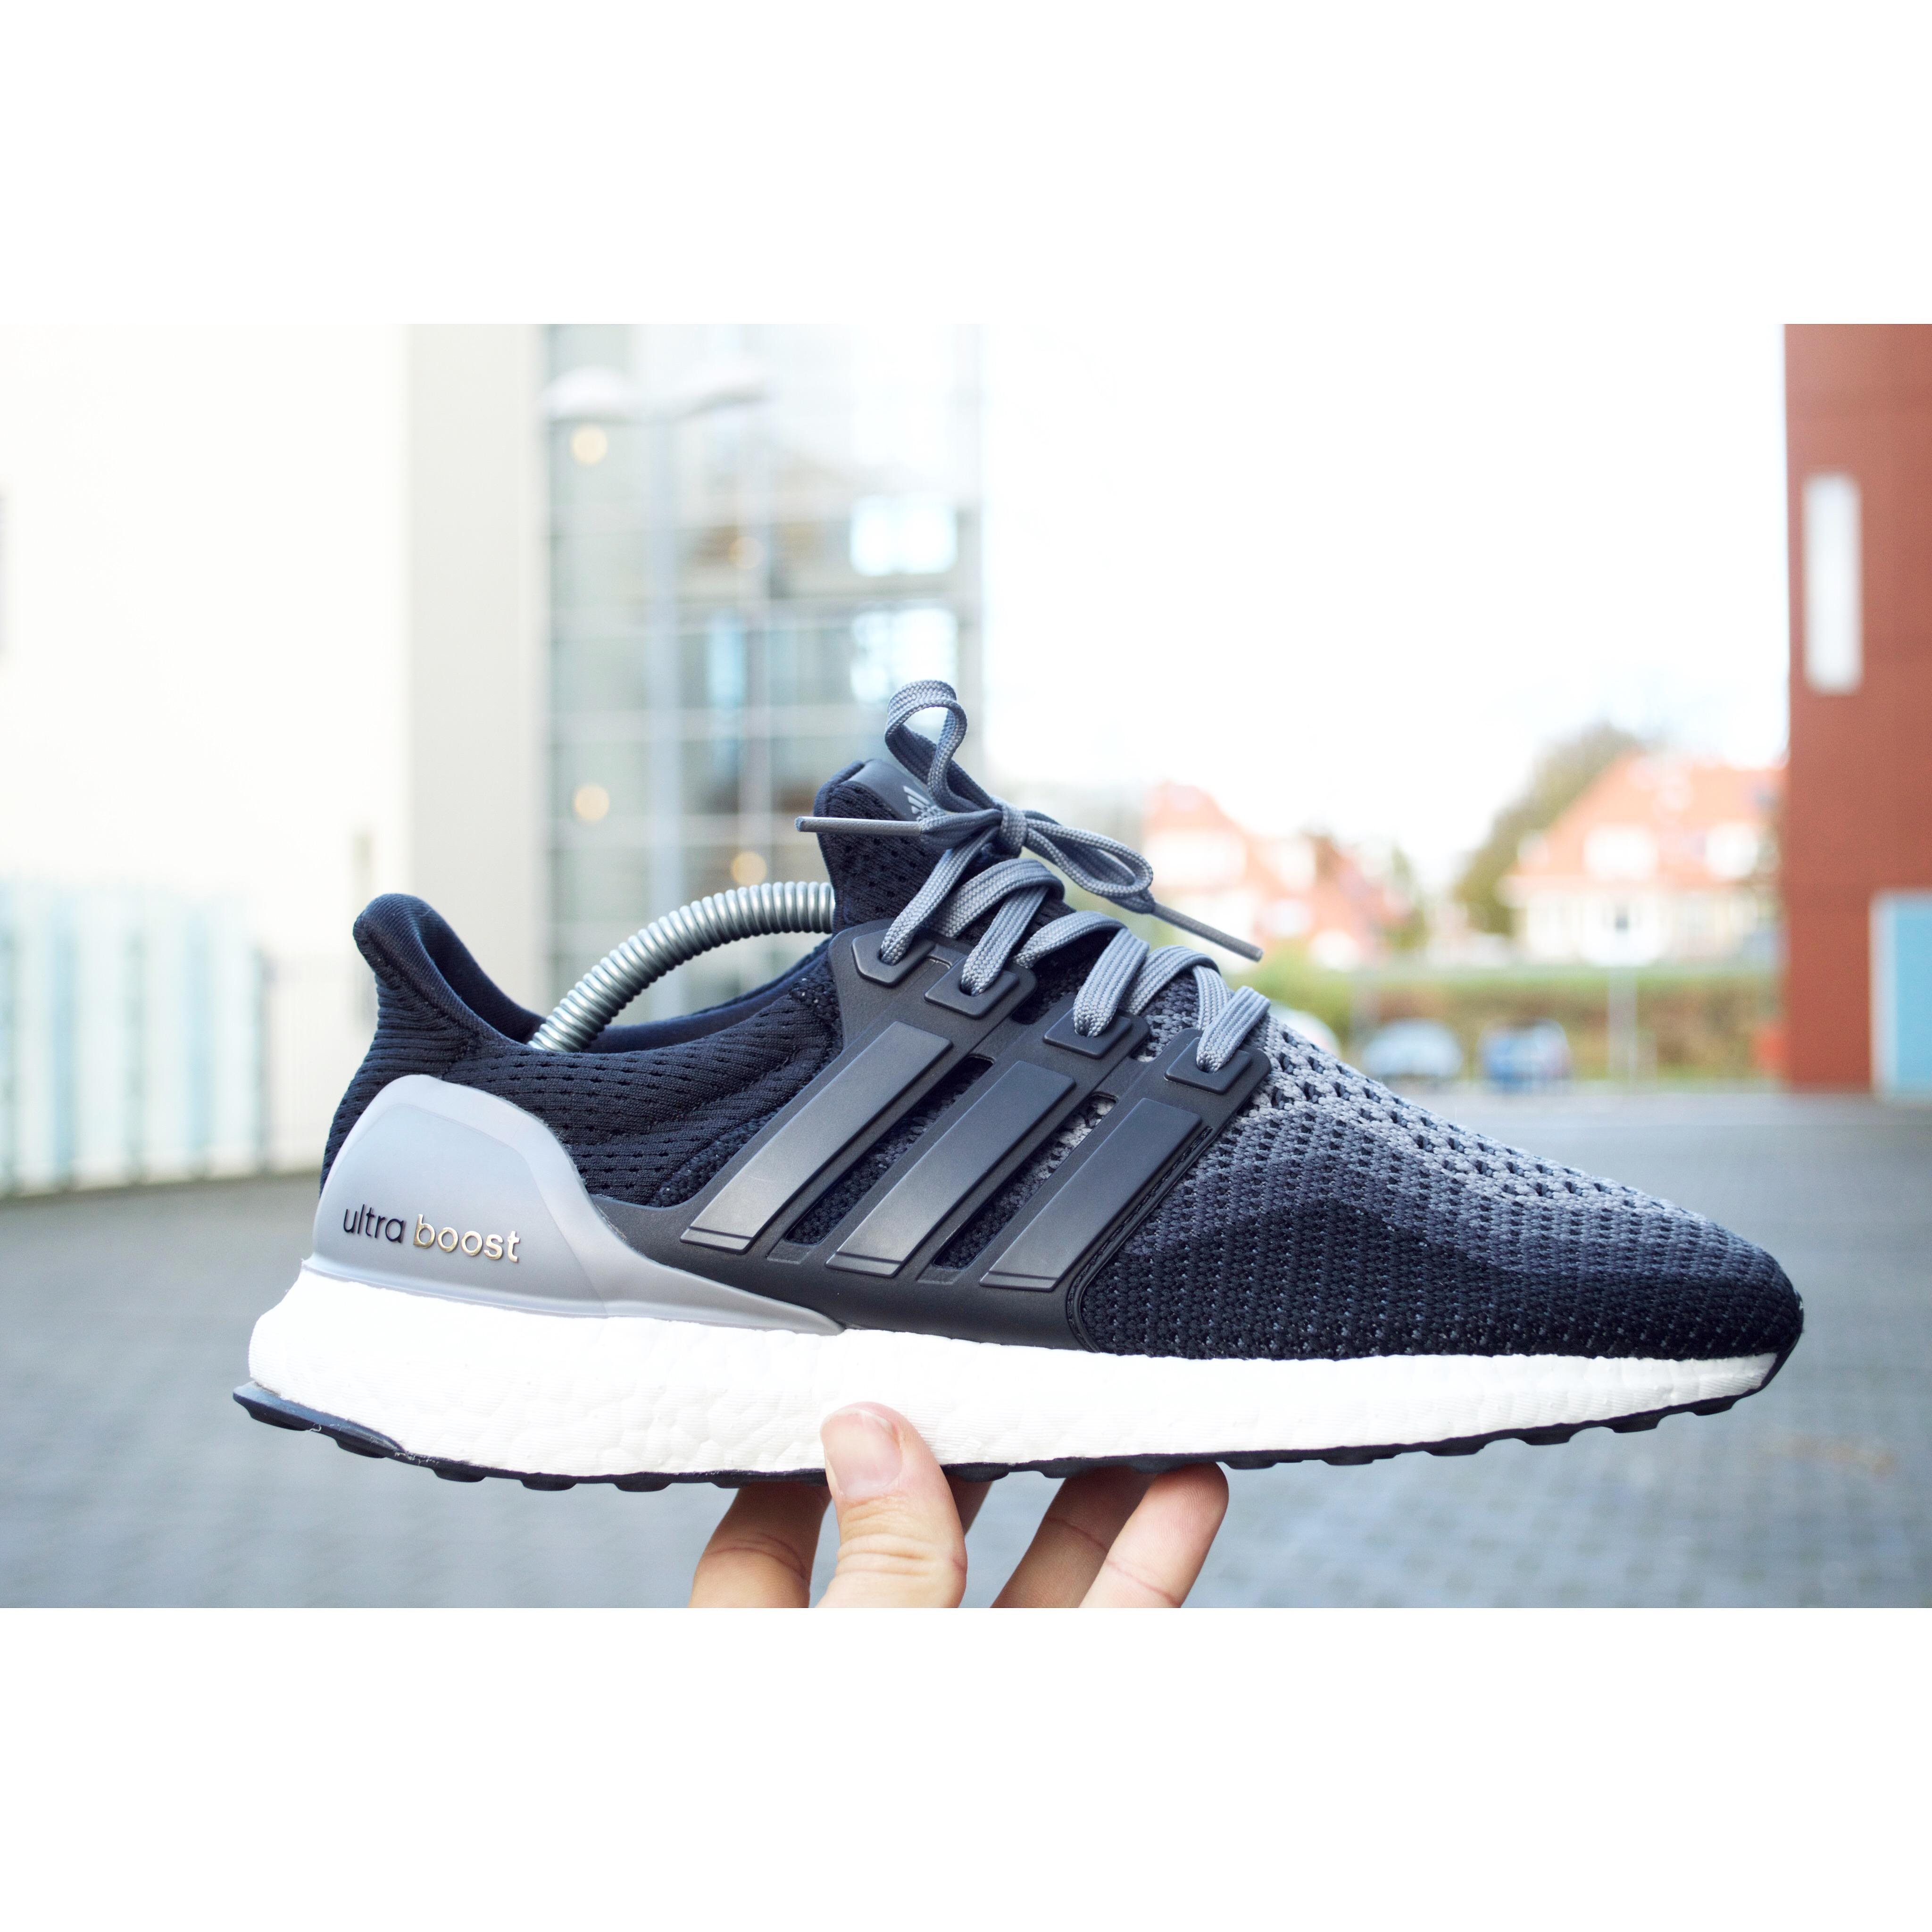 adidas ultra boost grey black